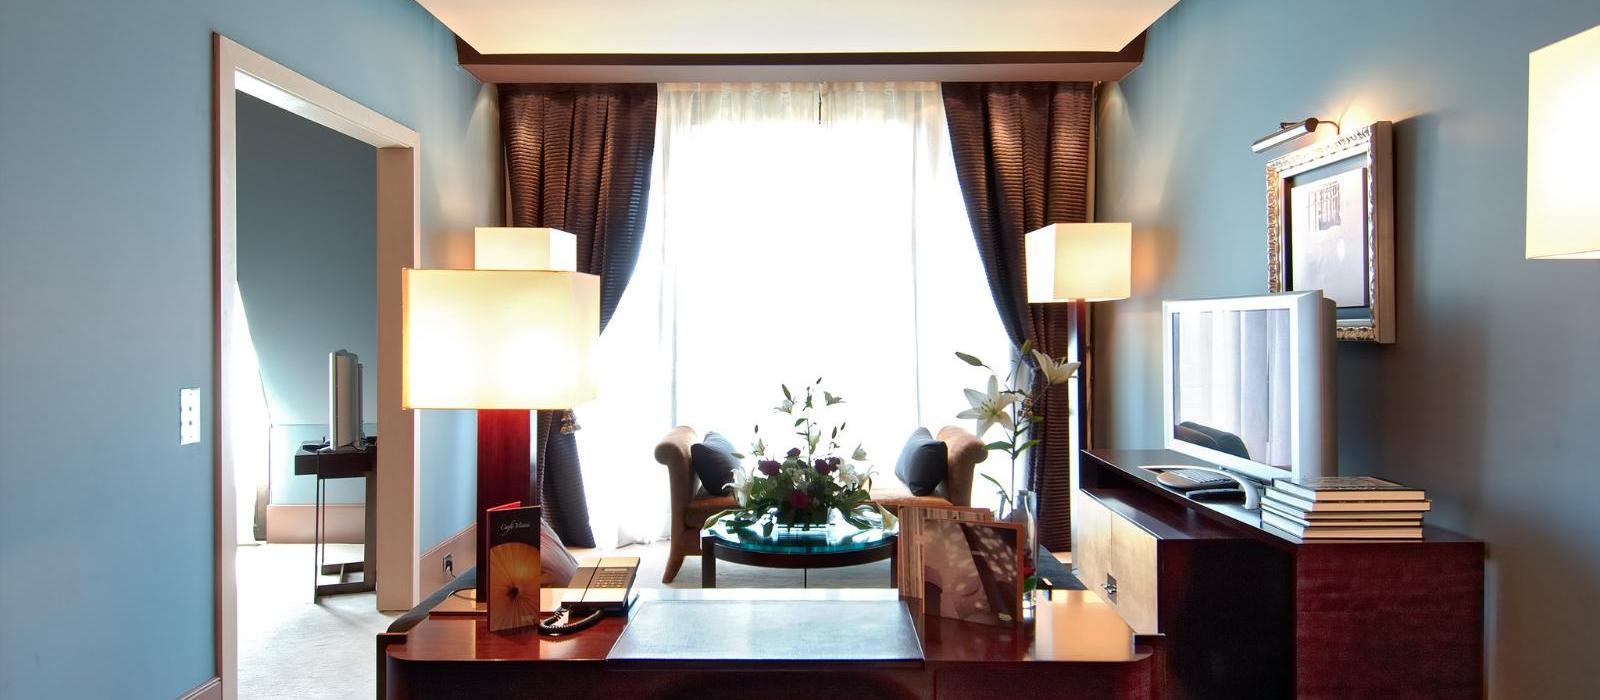 富诗之家酒店(Casa Fuster) 高级套房图片  www.lhw.cn